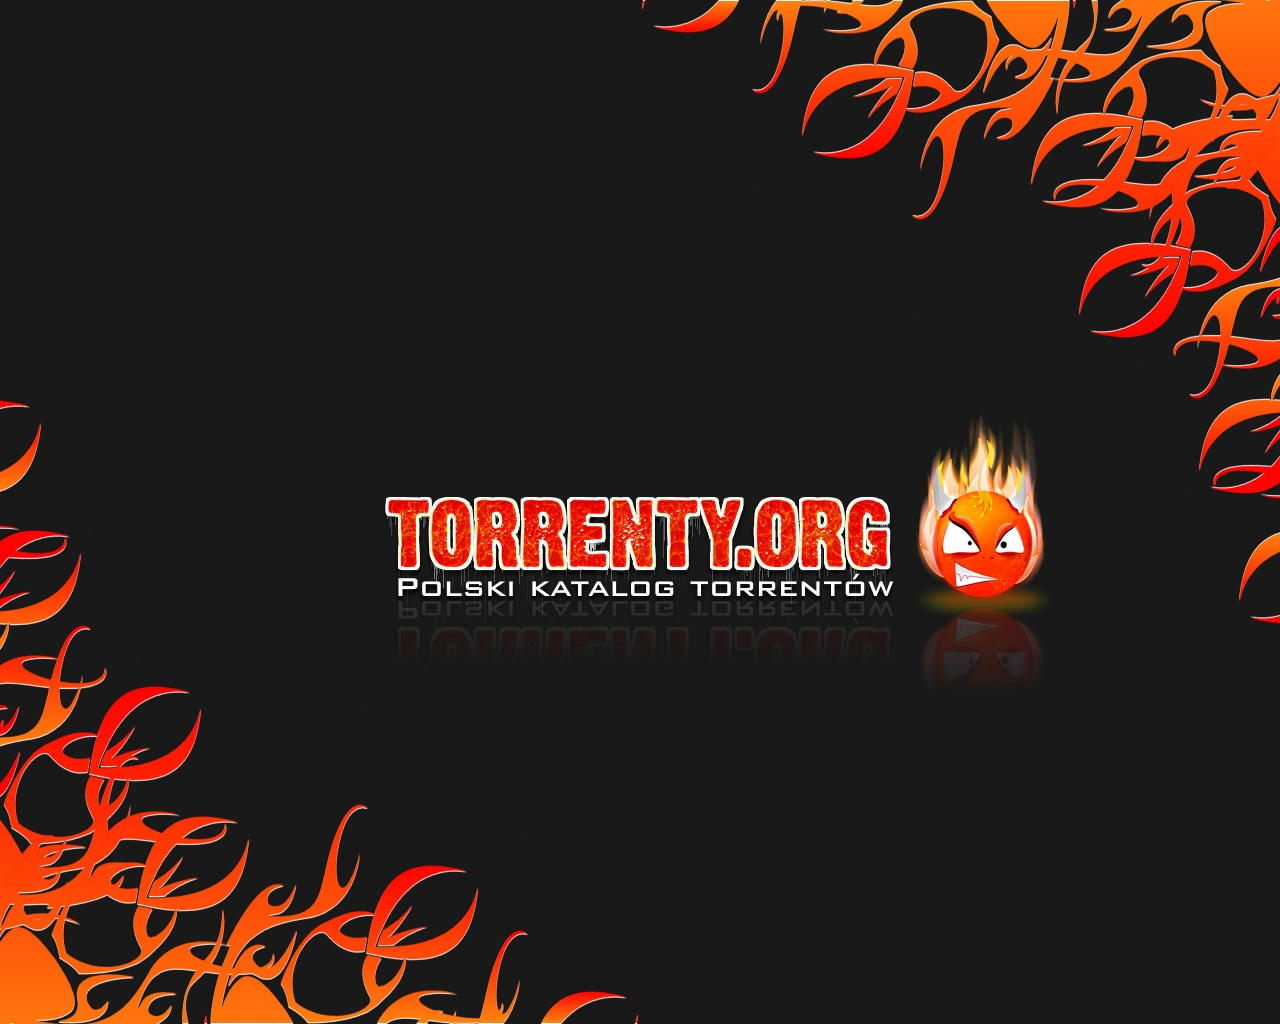 Torrenty.org 2 by havocki